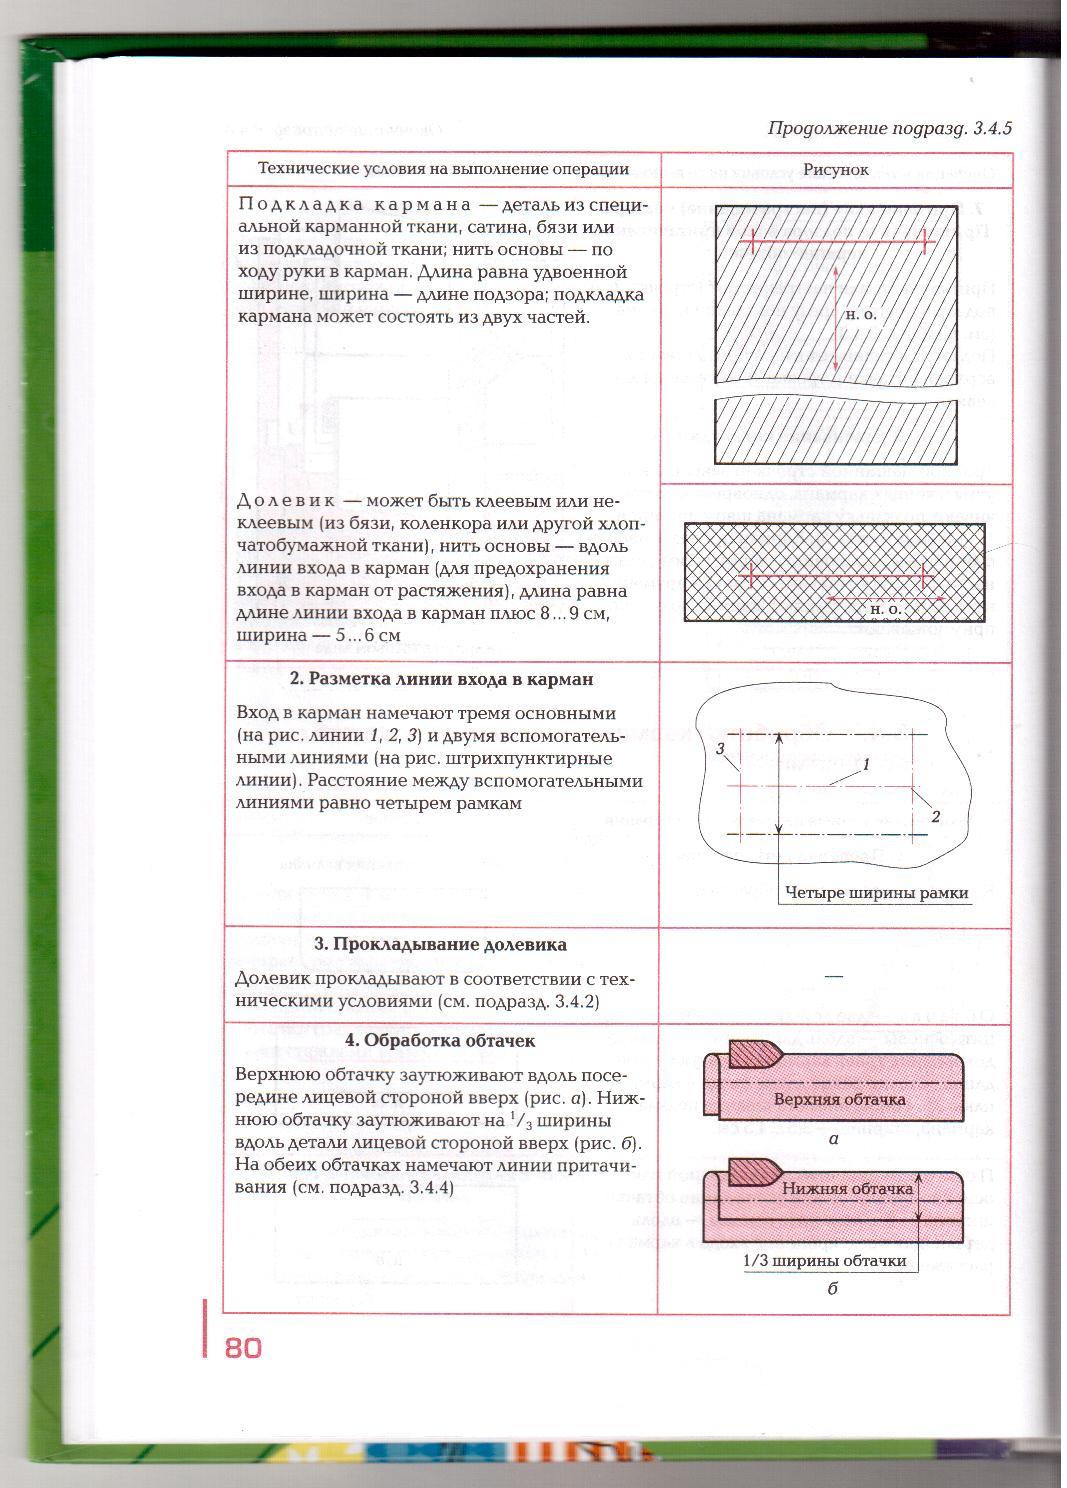 C:\Documents and Settings\Admin\Мои документы\Мои рисунки\Изобрпажение\Изобрпажение 006.jpg